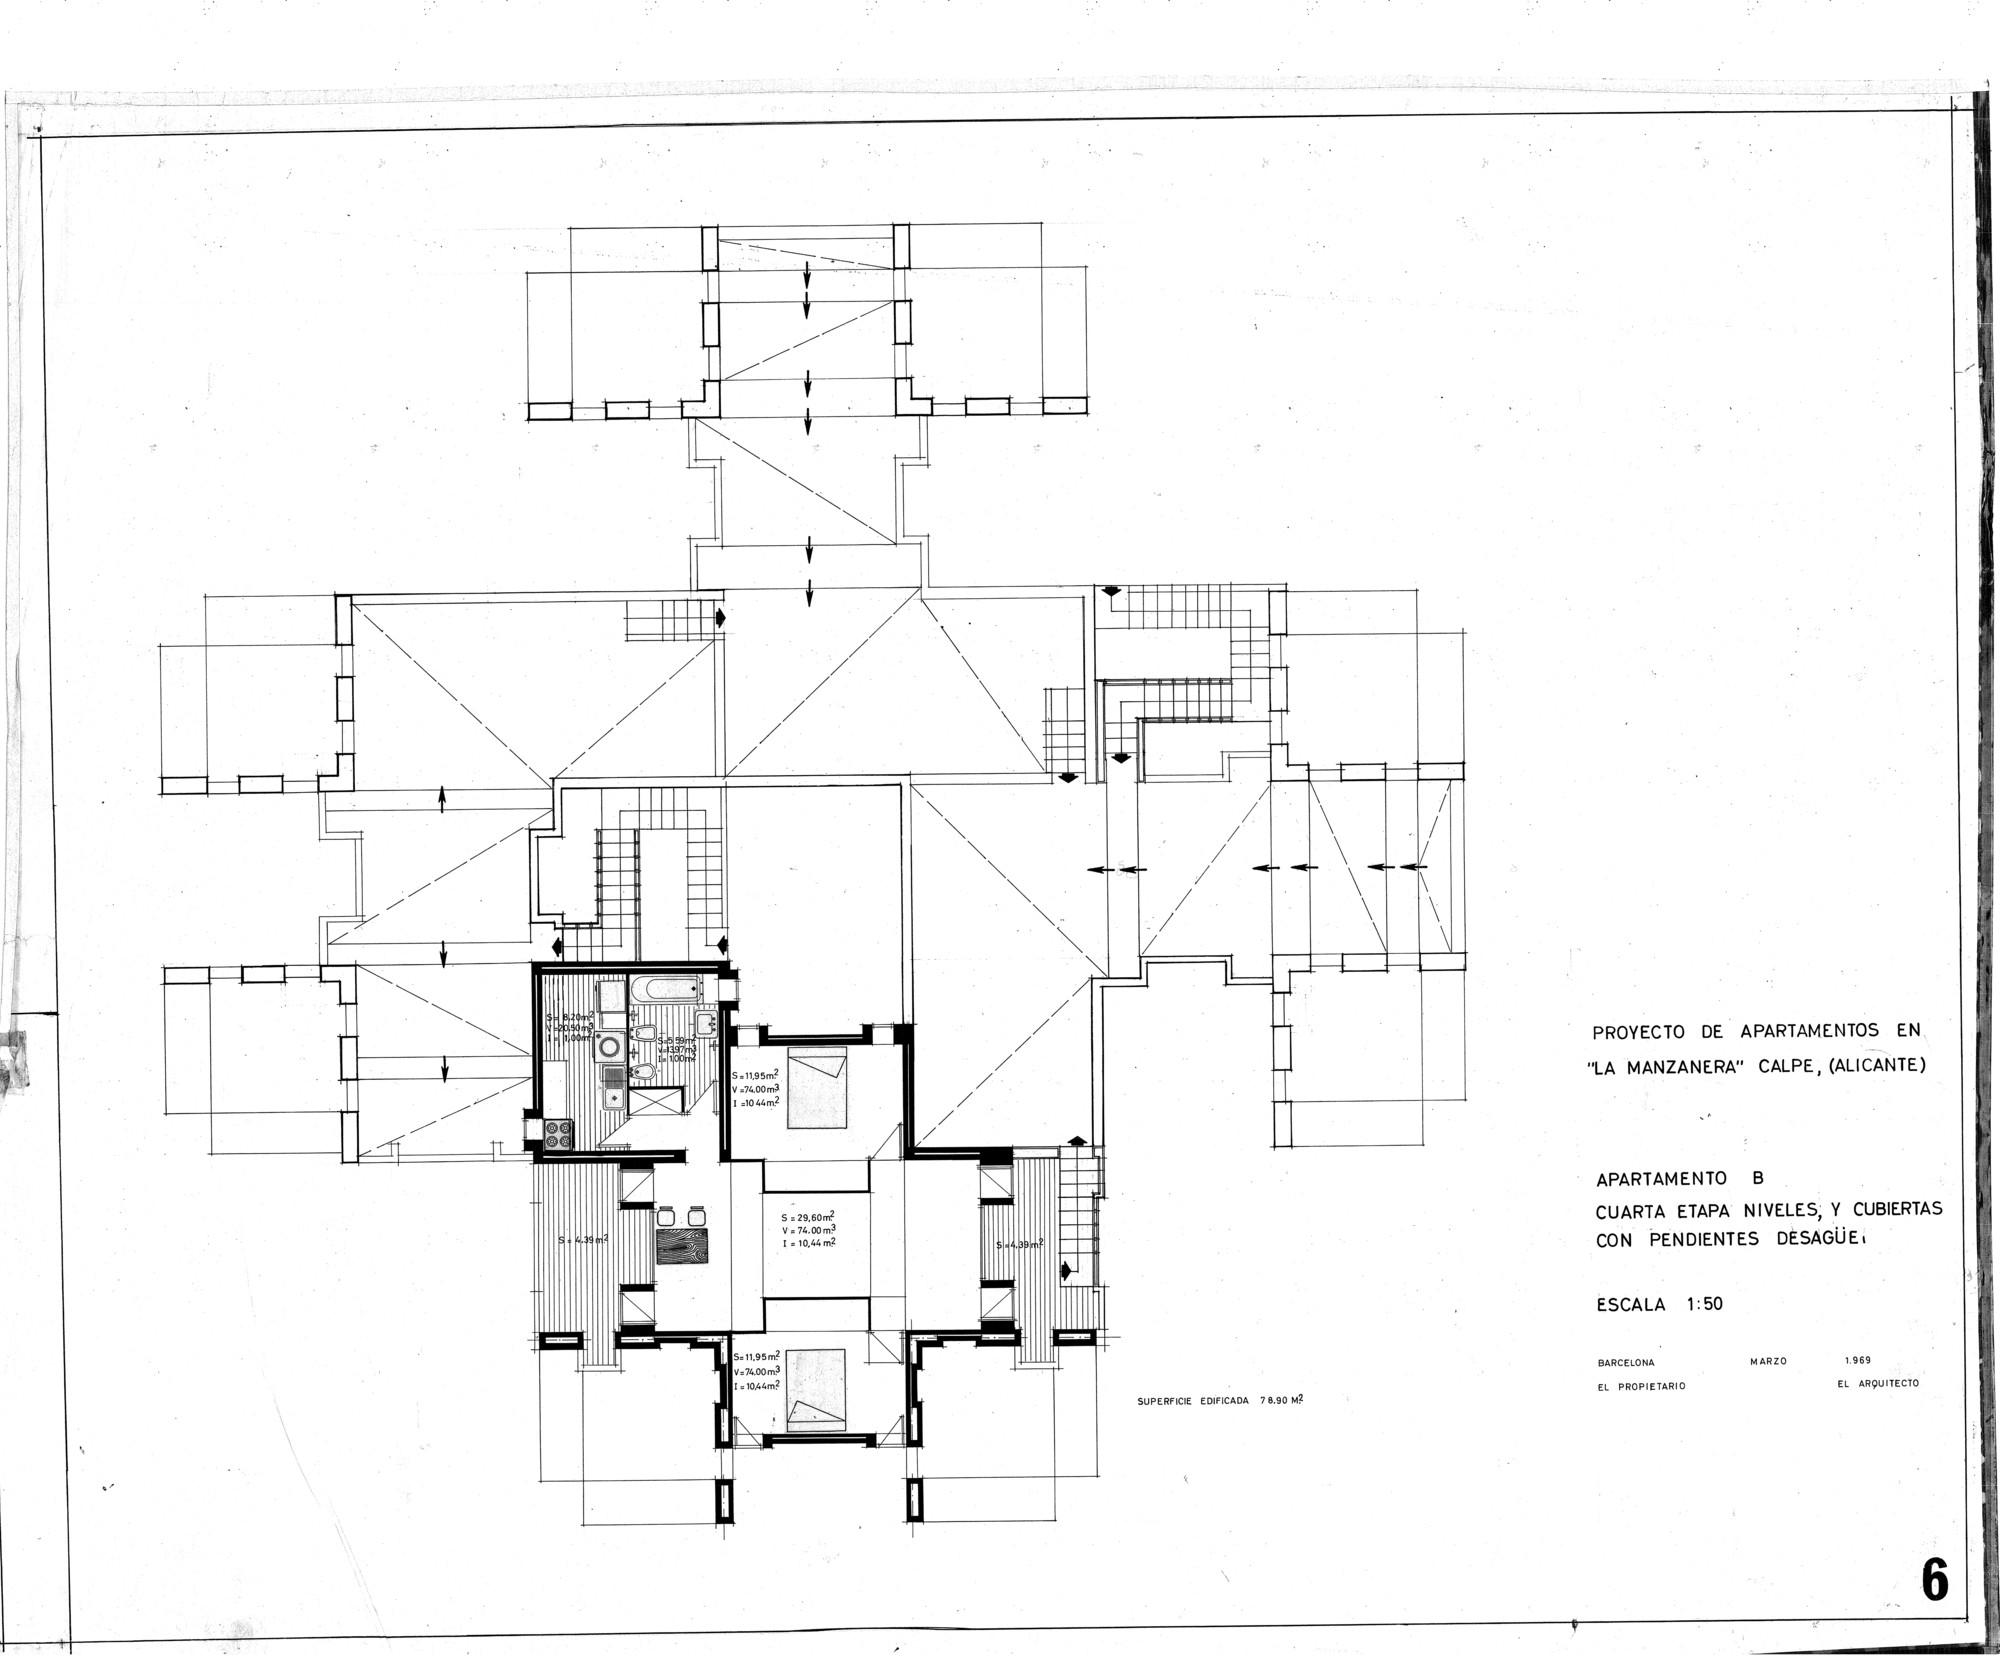 Gallery of ad classics la muralla roja ricardo bofill 24 for Plan de arquitectura